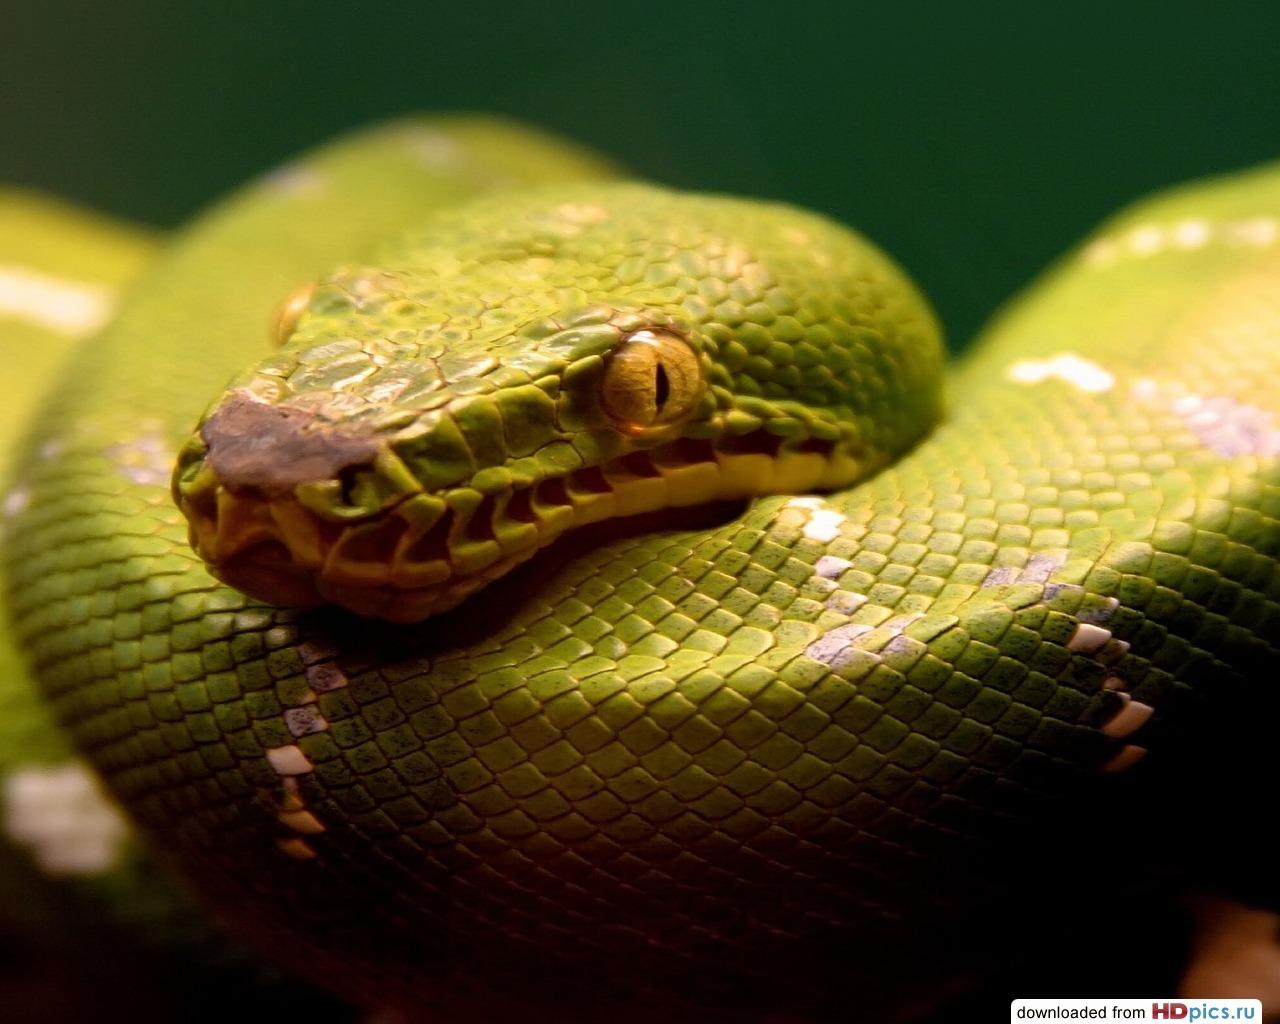 Зеленый удав, змея, фото, обои для рабочего стола, скачать